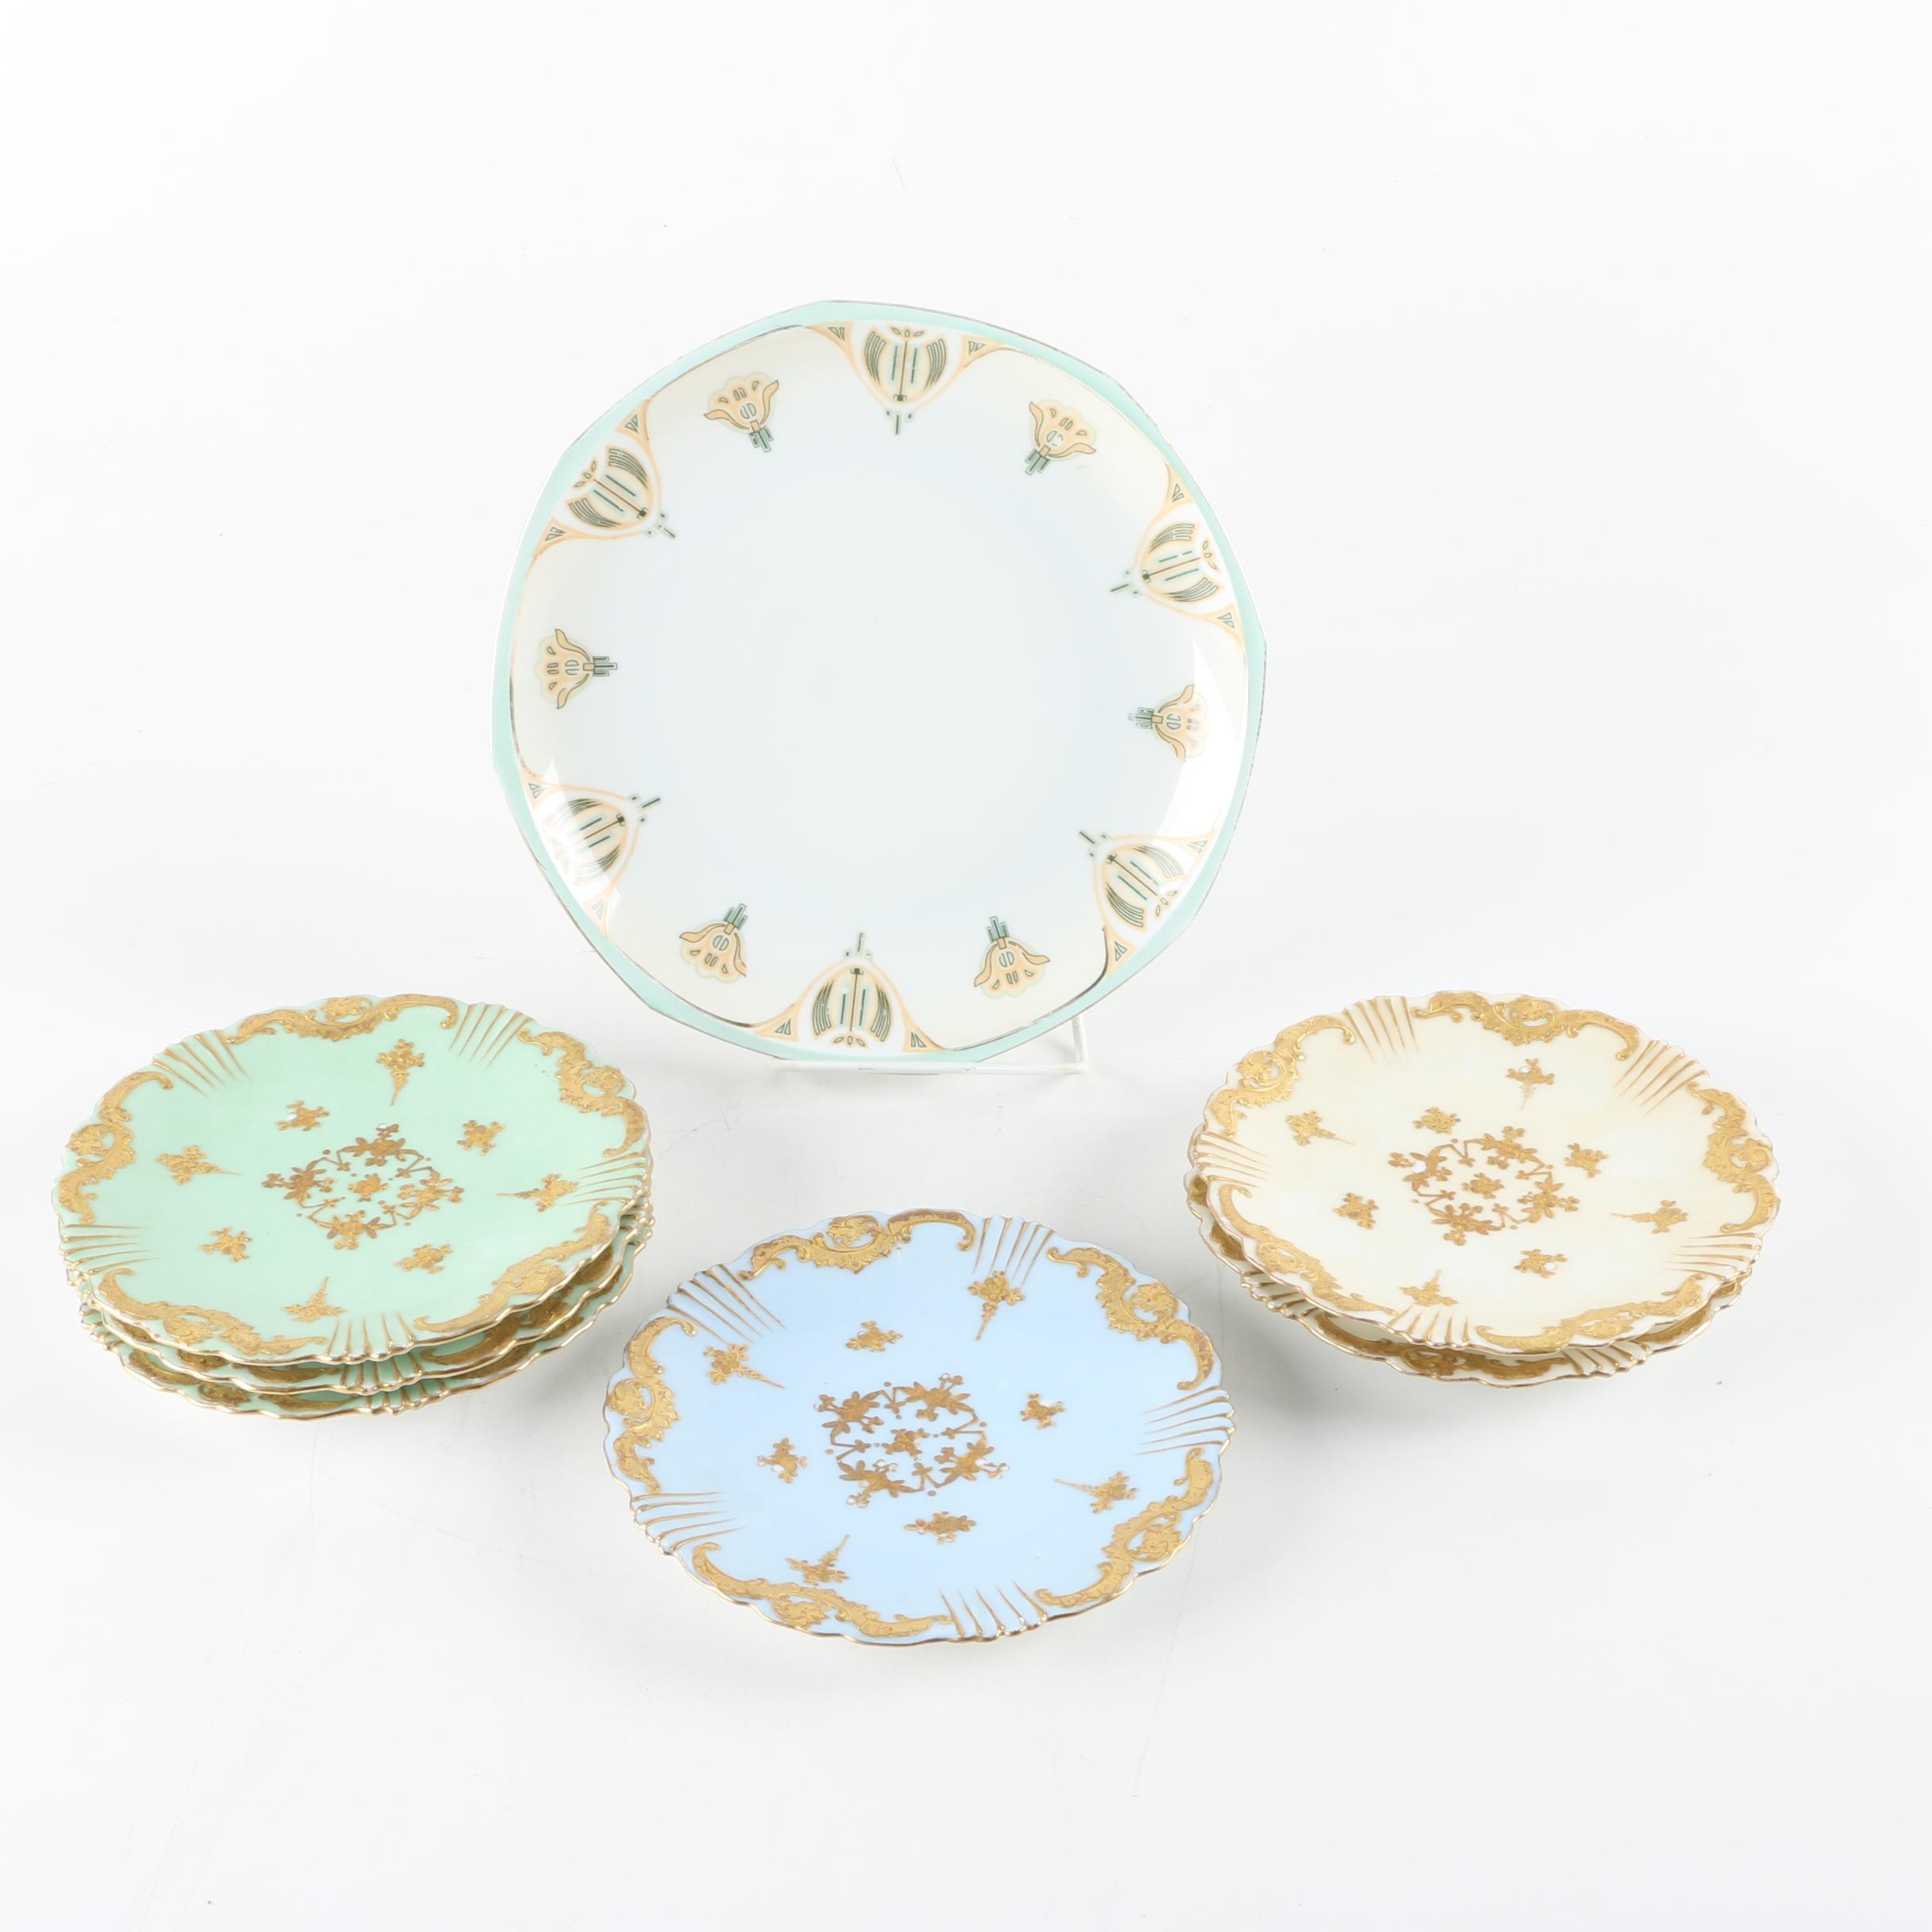 Vintage Porcelain Plates Featuring Klingenberg and Dwenger Limoges